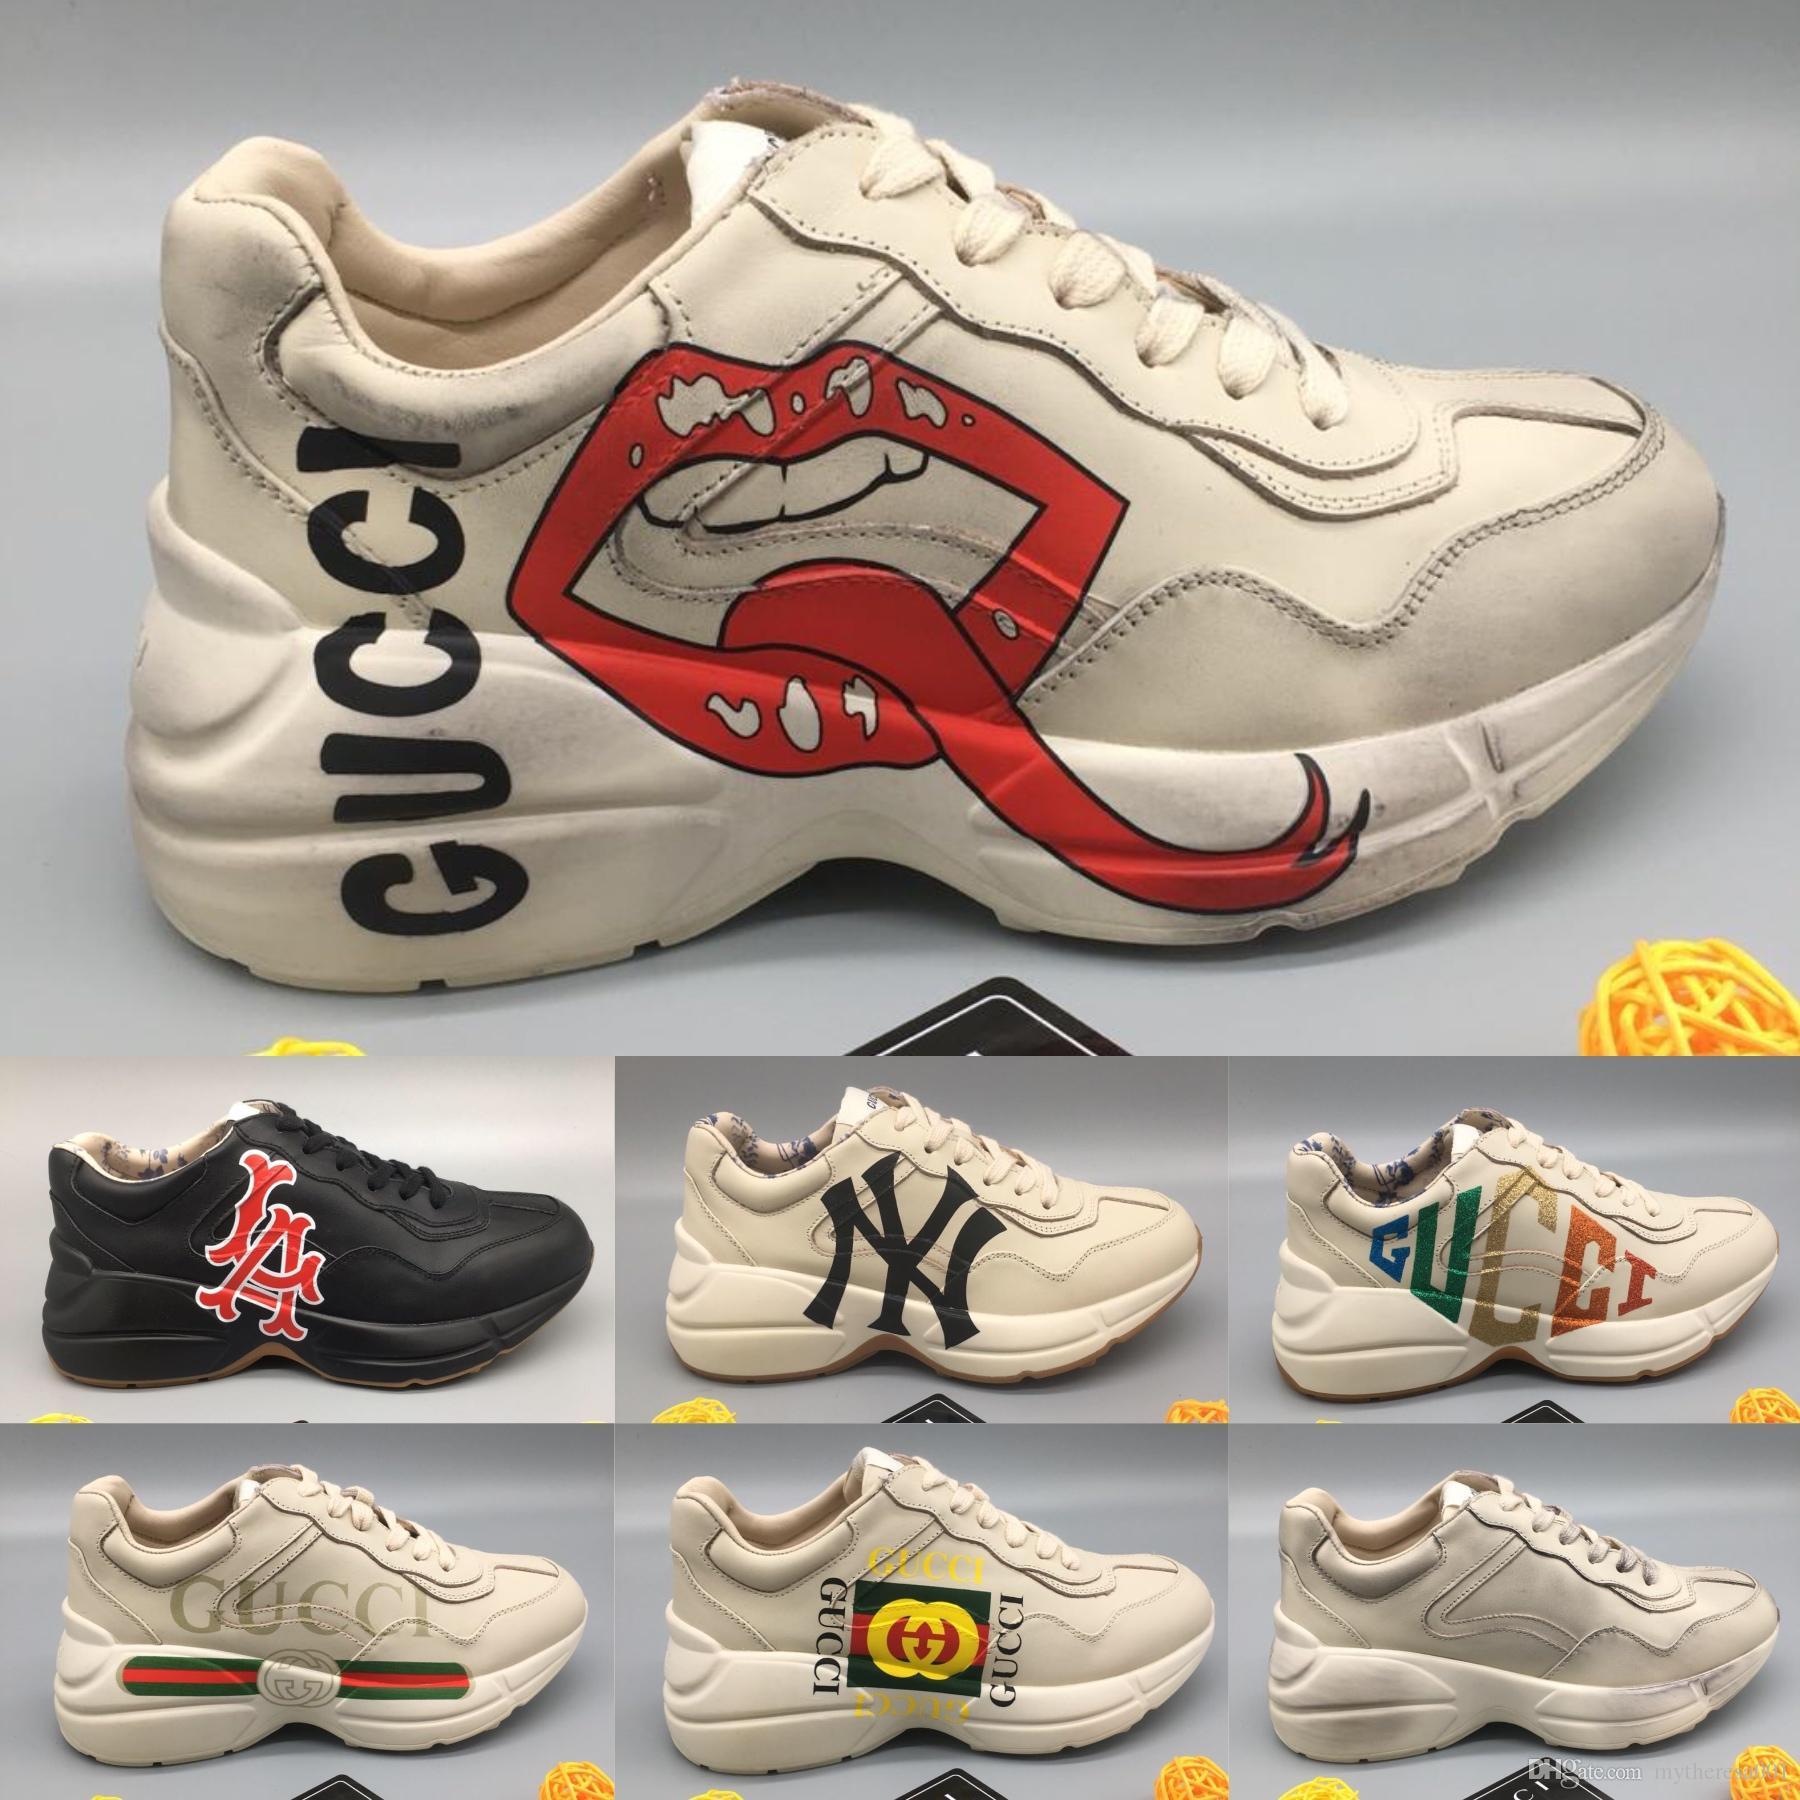 38a1f4744 Compre Zapatillas Rhyton Para Hombre Con Boca Estampado De Labios NY  Yankees Mujer Marca De Lujo Vintage Trainer Hombres Diseñador Zapatos Para  Escalar De ...